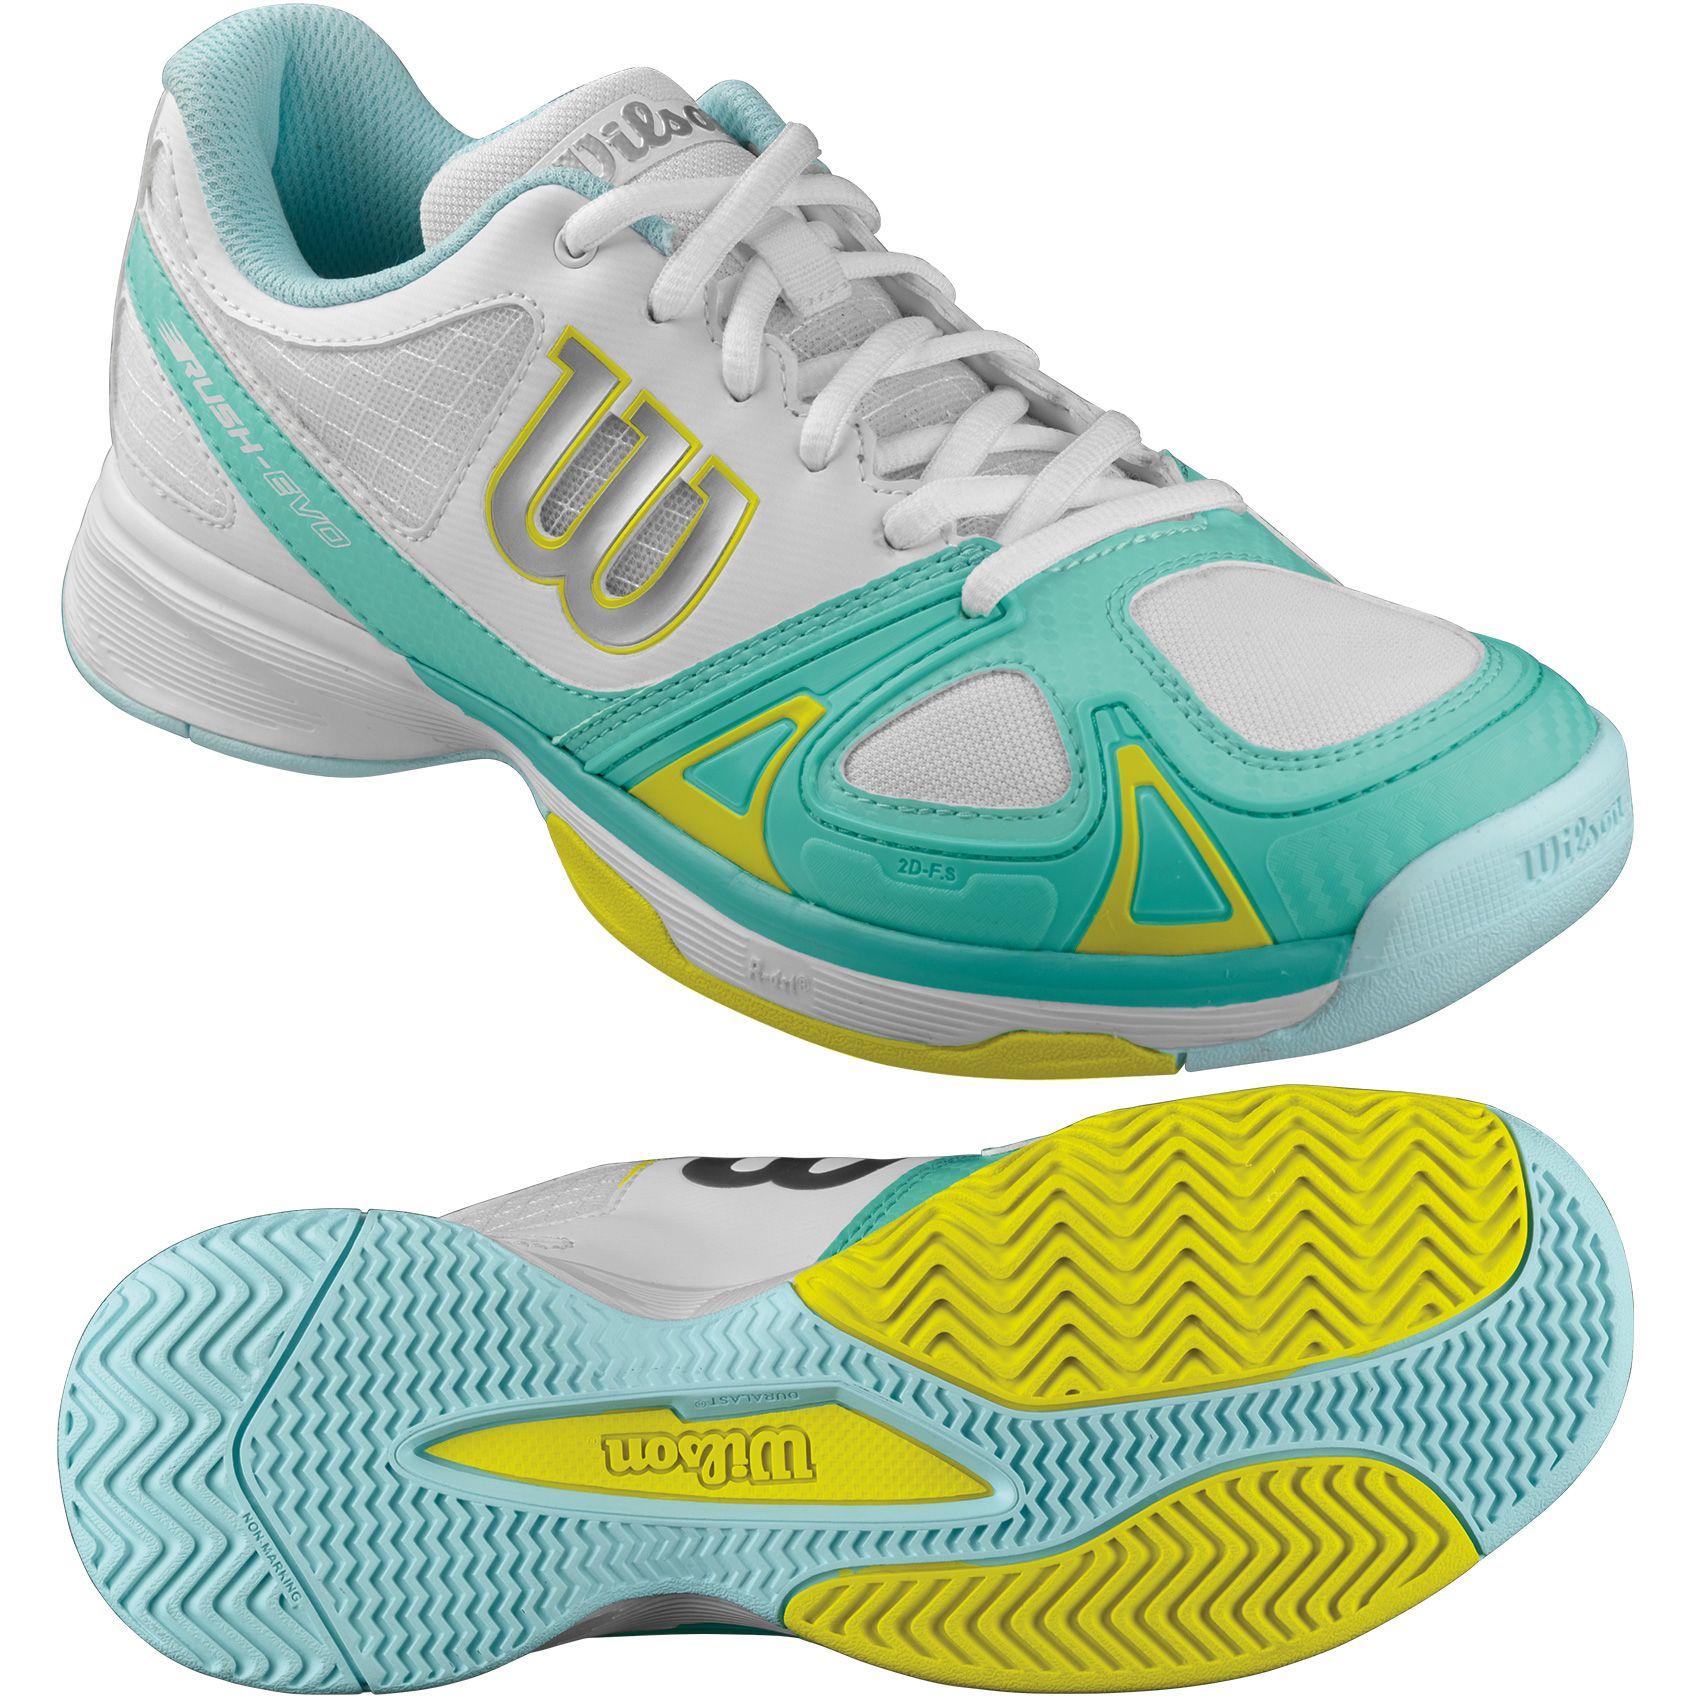 Wilson Ladies Tennis Shoes